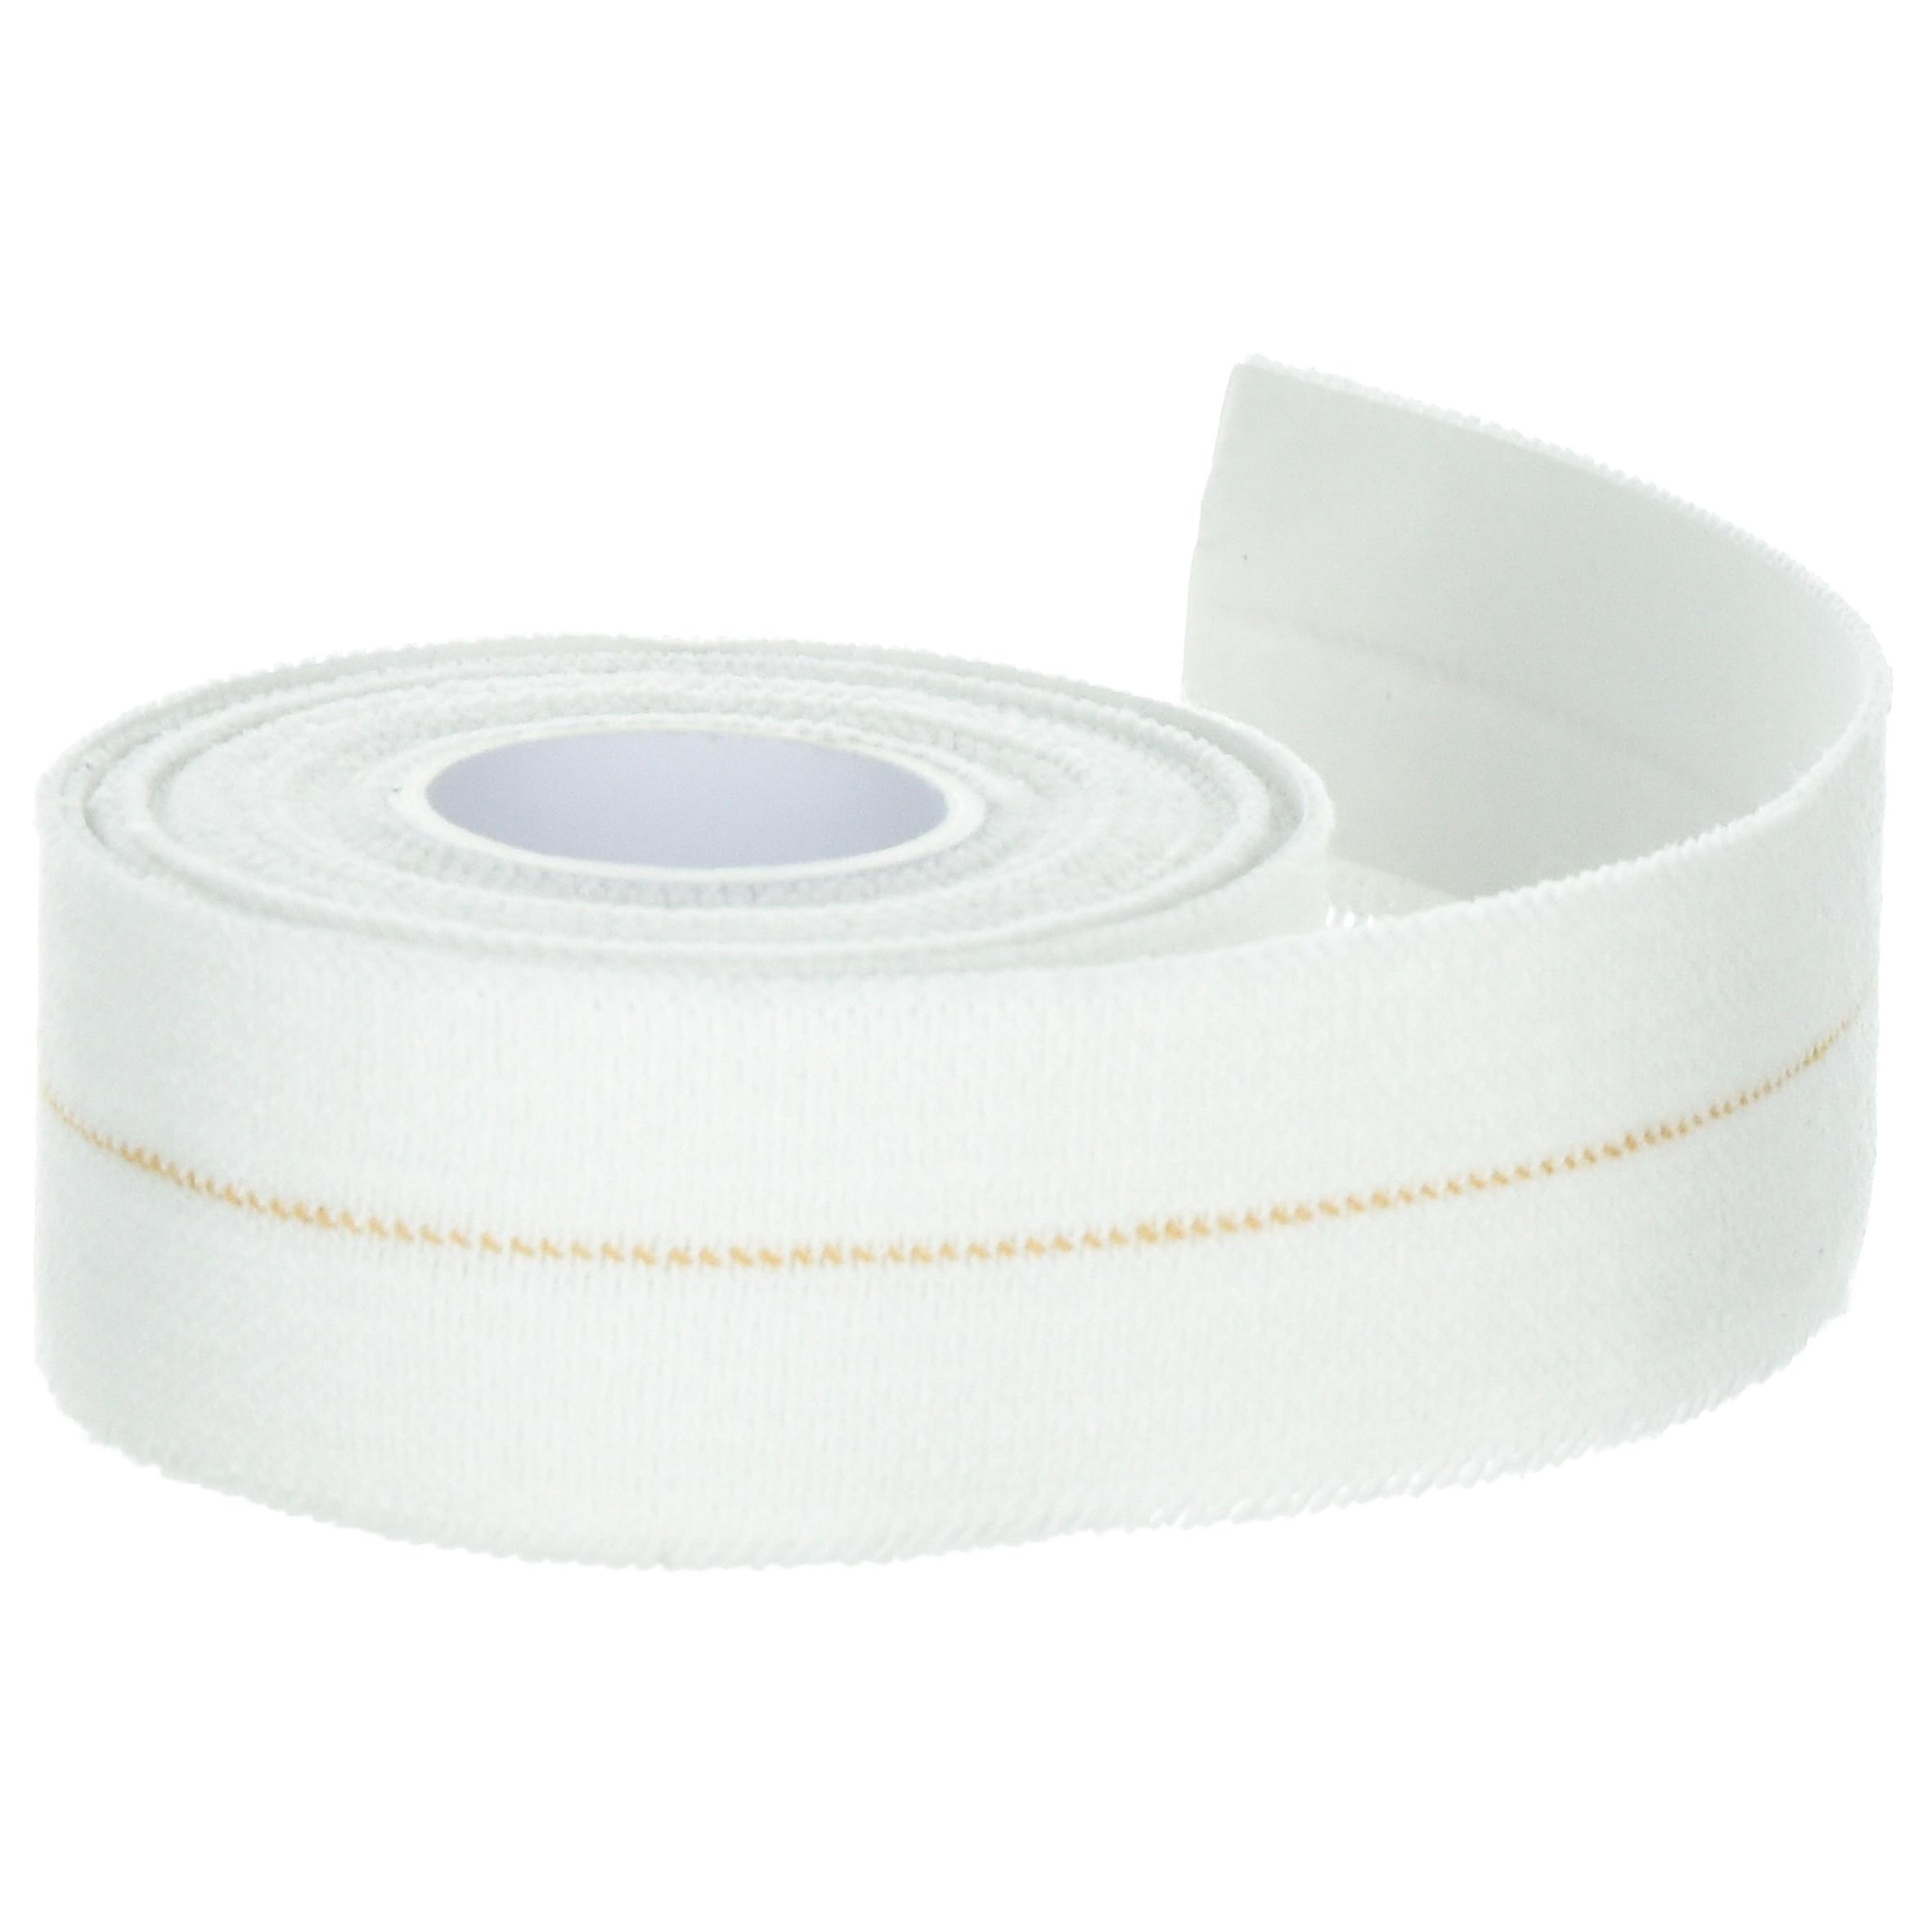 3 cm x 2.5 m Elastic Support Strap - White